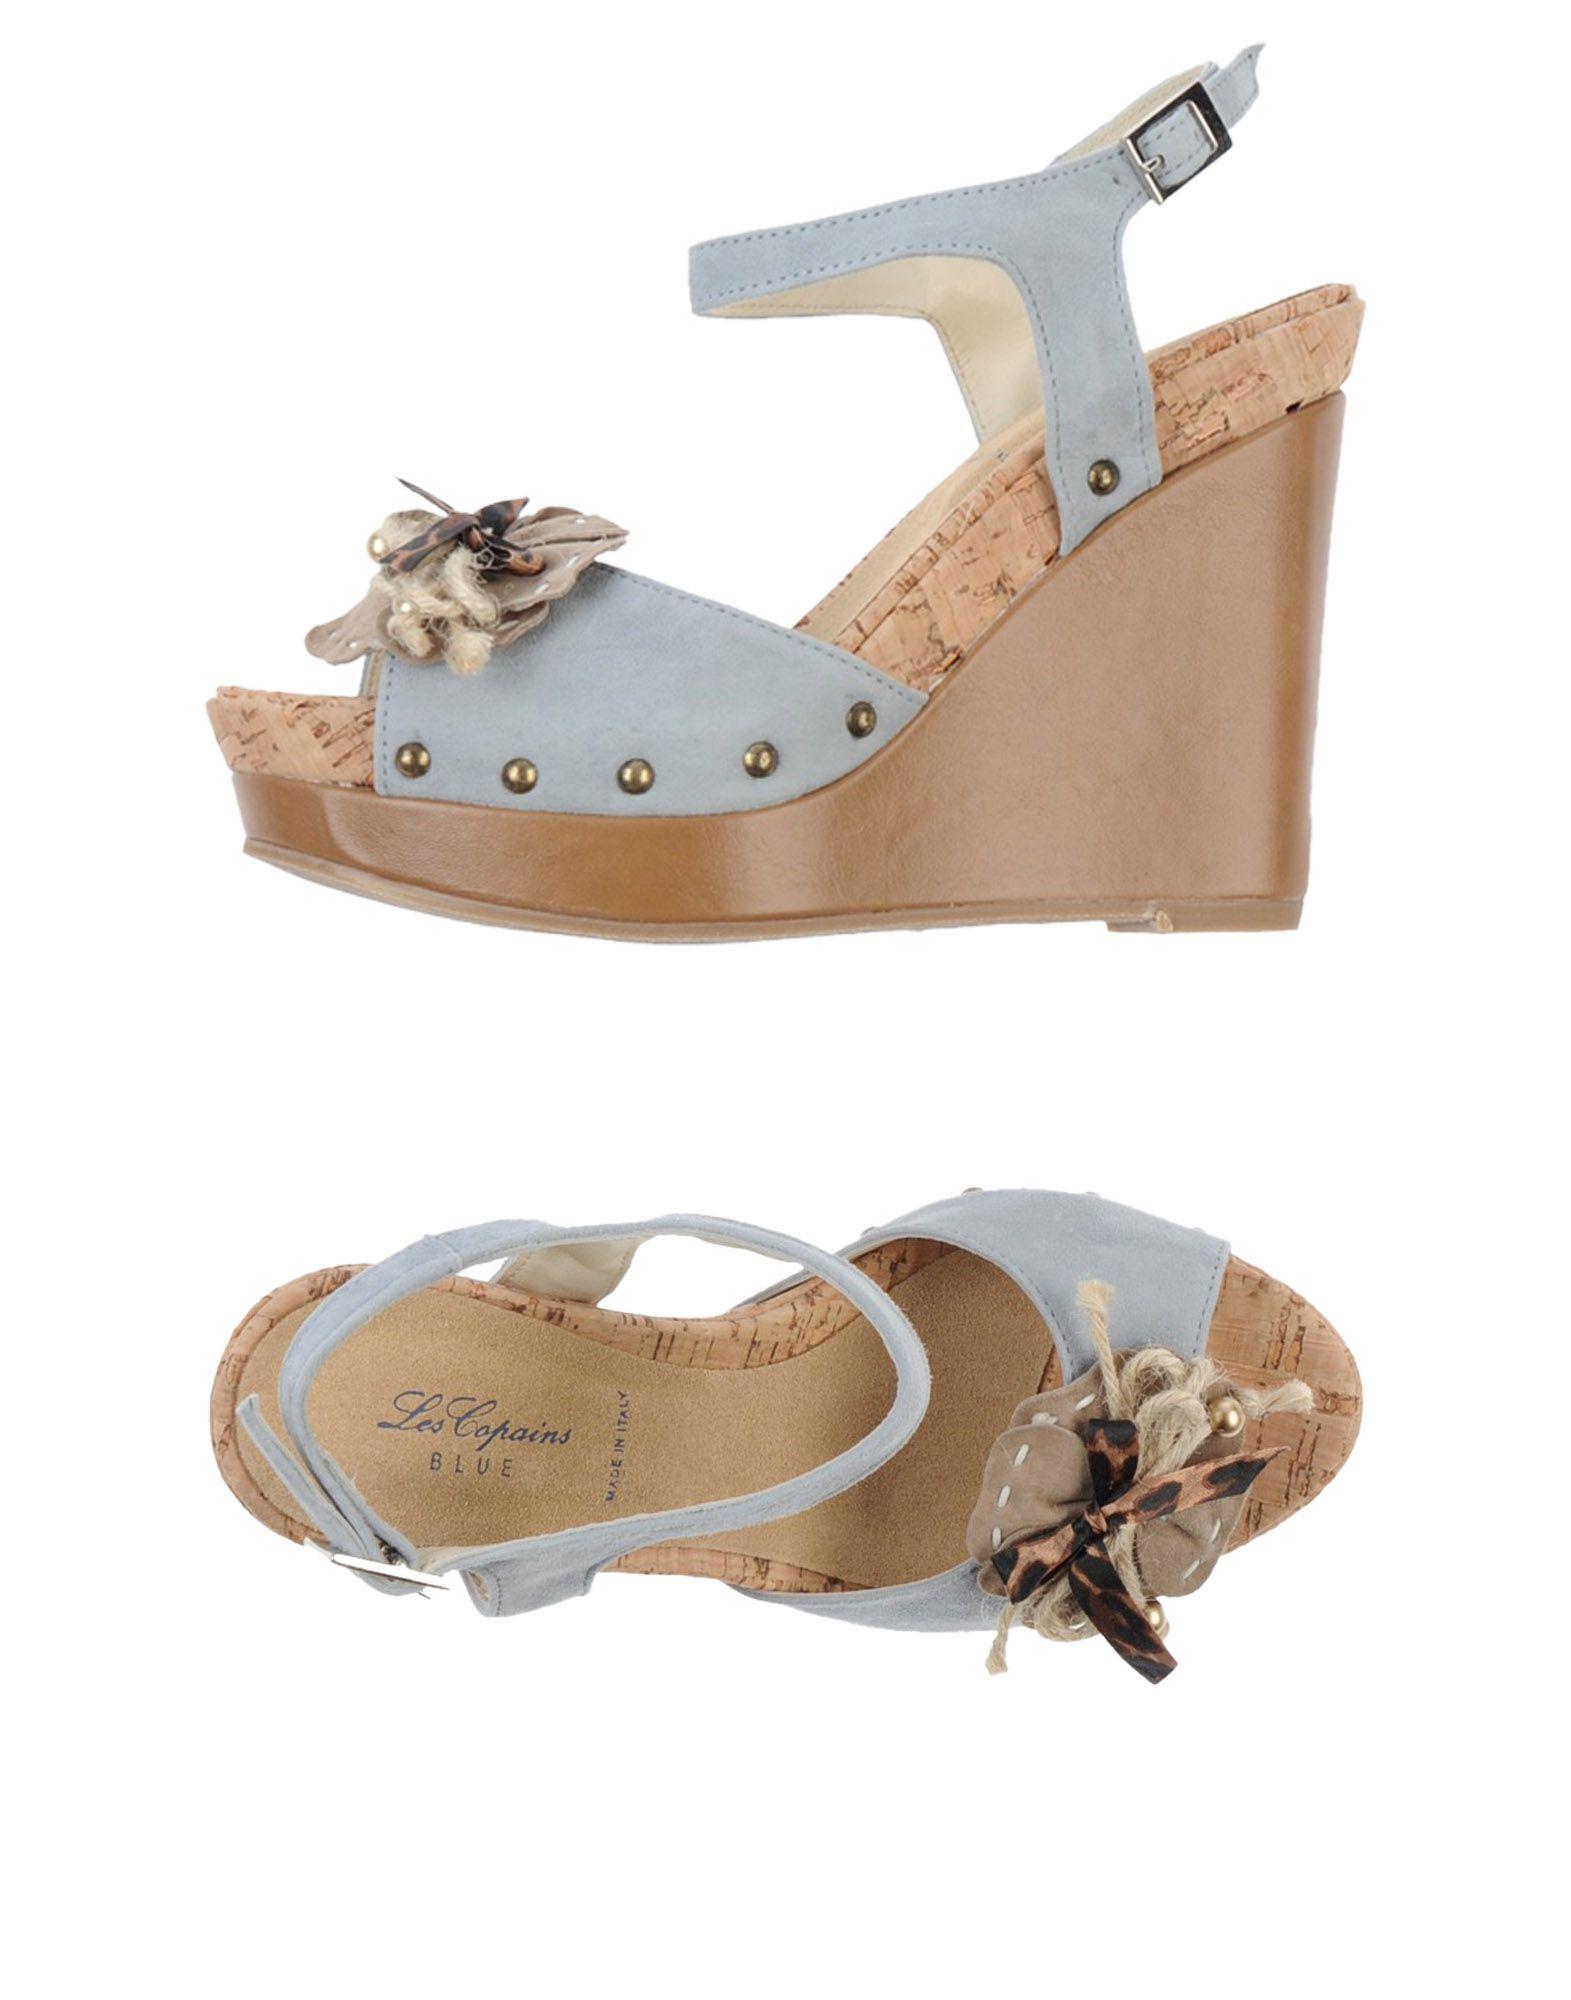 Chaussures - Sandales Bleues Les Copains r7dED8